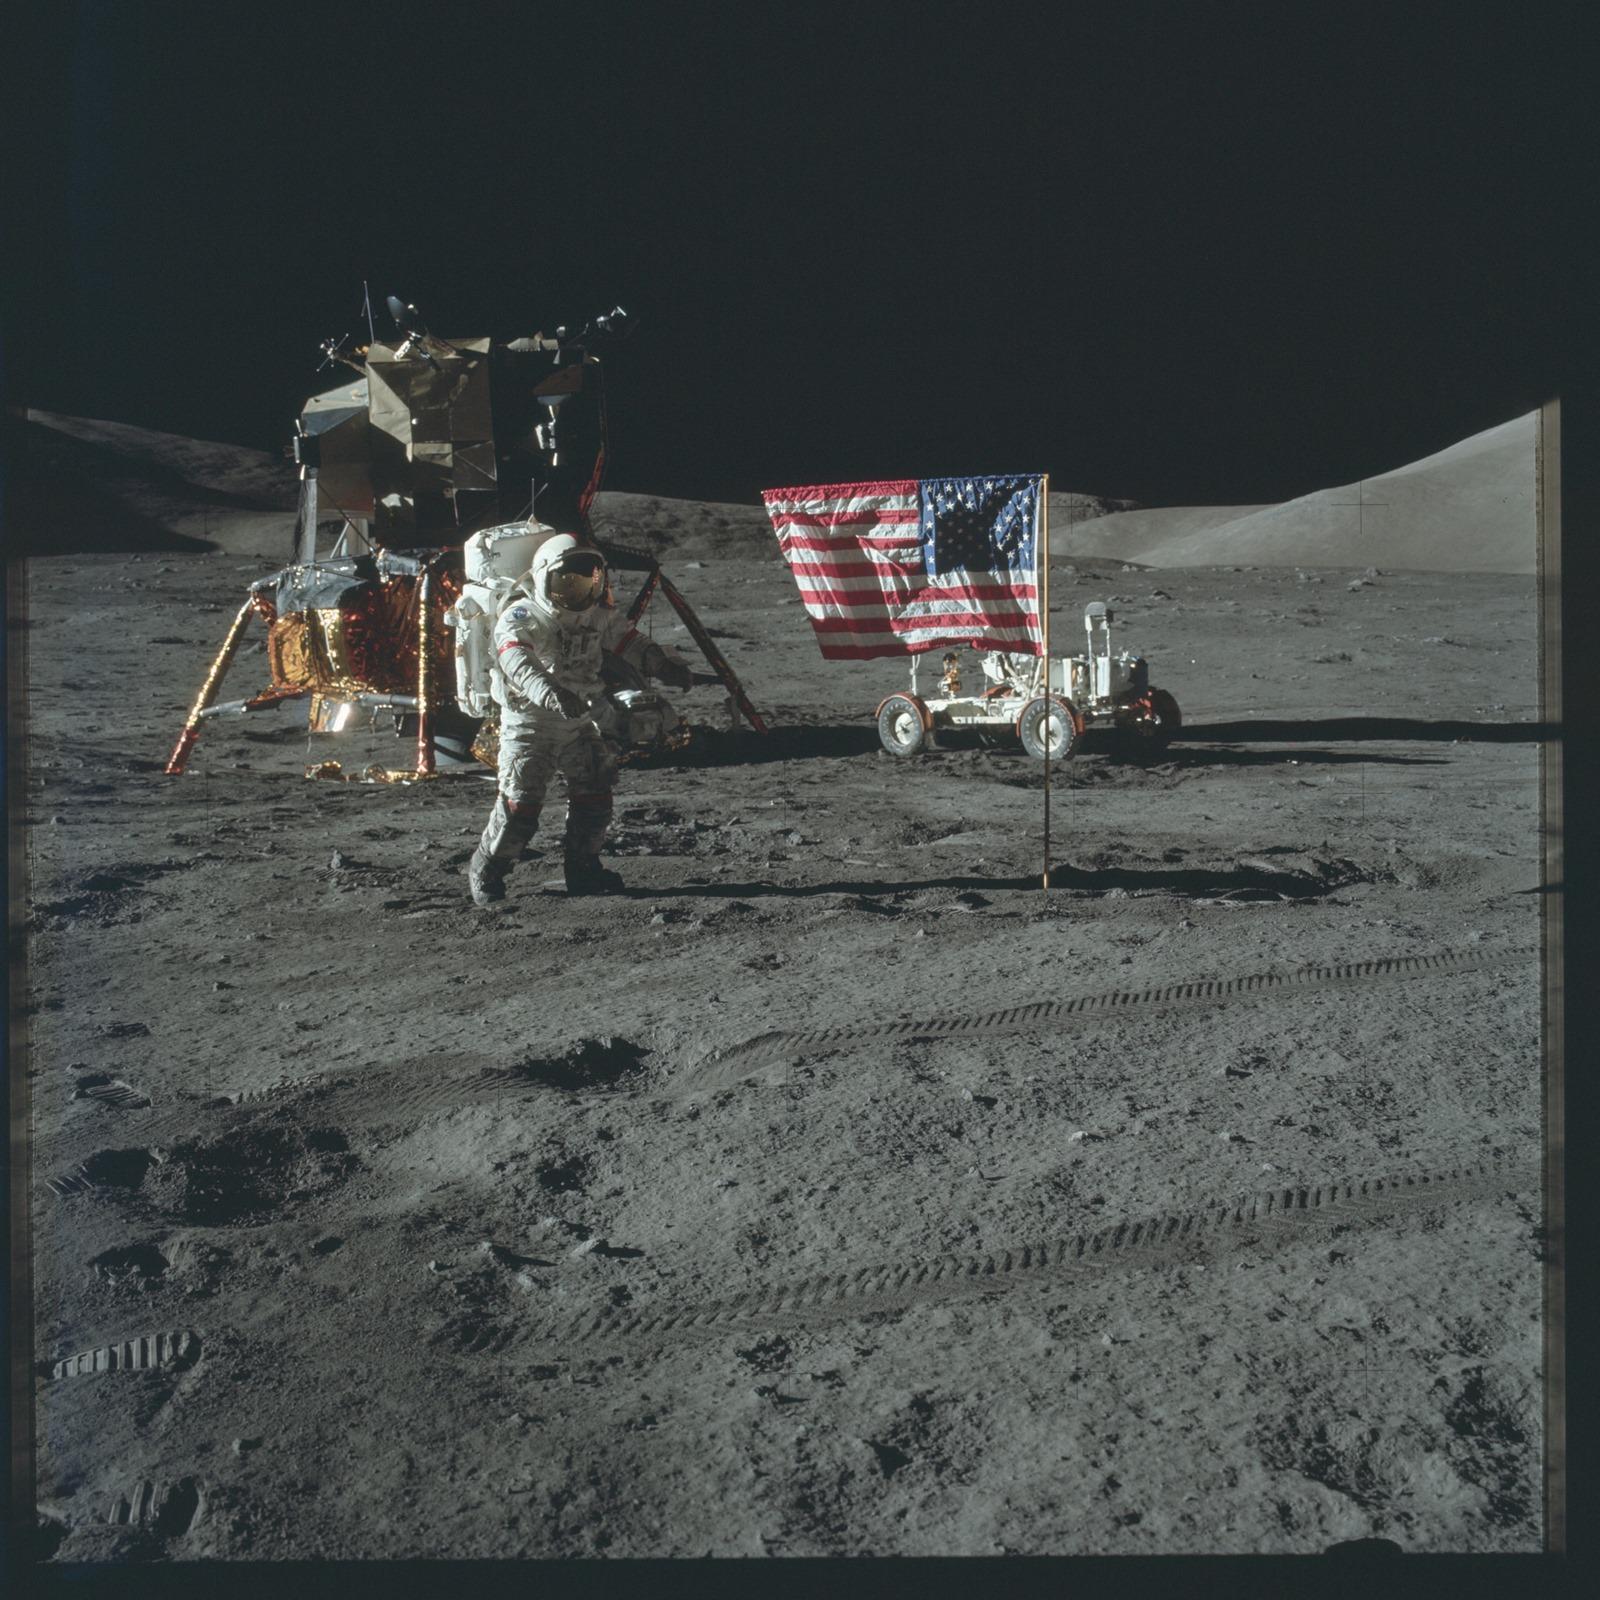 Des milliers de photos des missions lunaires du programme Apollo désormais disponibles sur Flickr